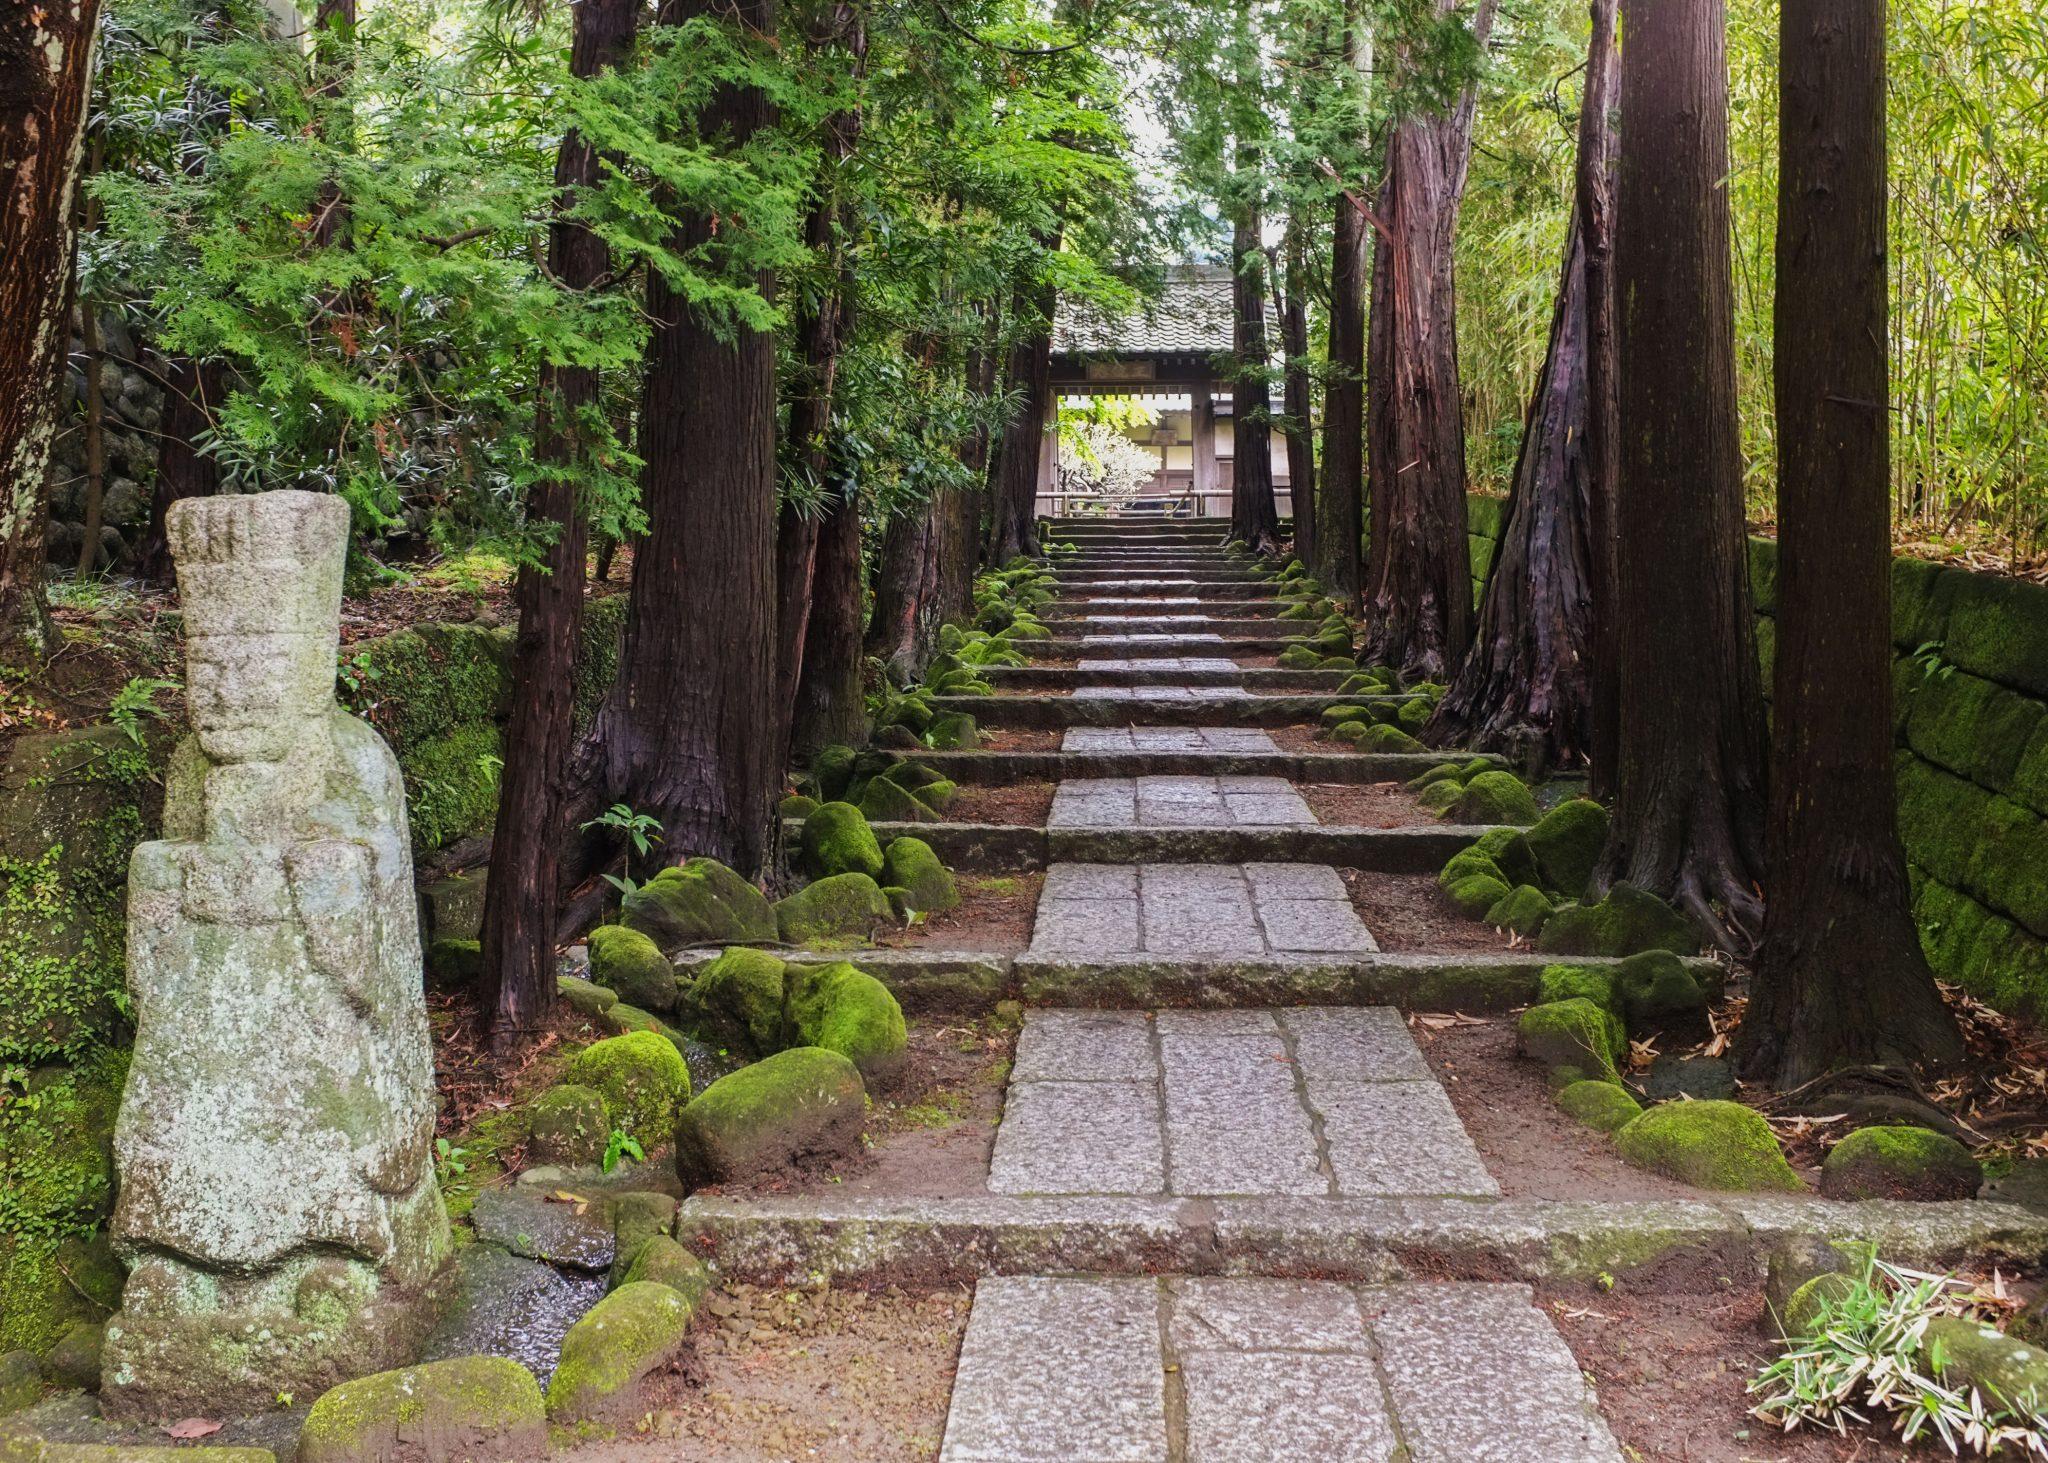 polku kamakurassa temppelissä ja patsas